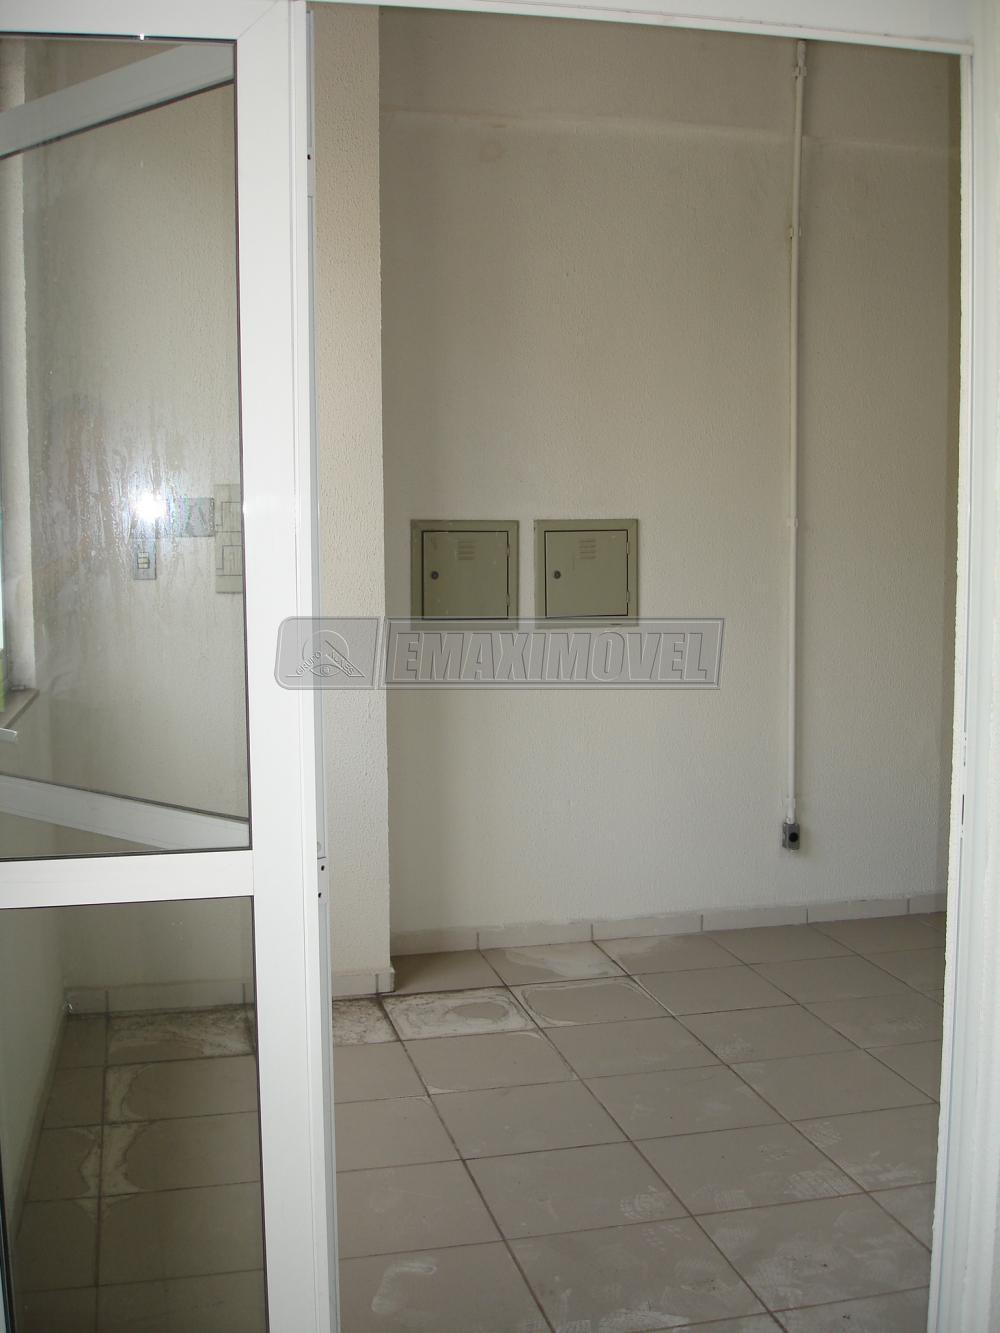 Alugar Comercial / Salões em Sorocaba apenas R$ 3.000,00 - Foto 6